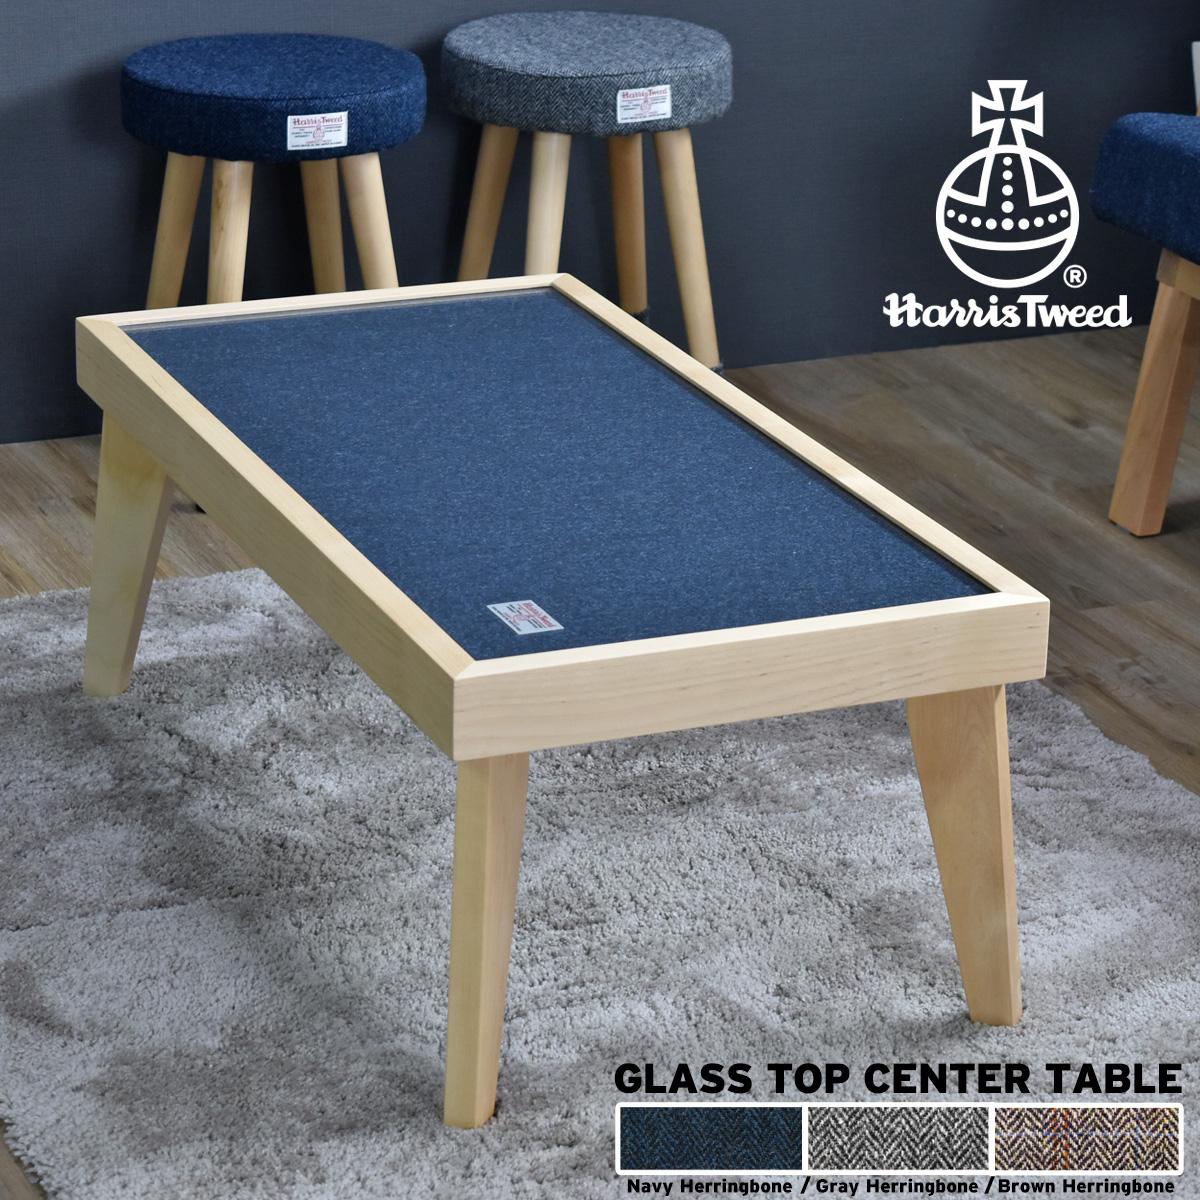 送料無料 センターテーブル ローテーブル リビングテーブル ガラス 木製 ハリスツイード おしゃれ かわいい イギリス 英国 北欧 ウール ナチュラル カフェテーブル 一人暮らし